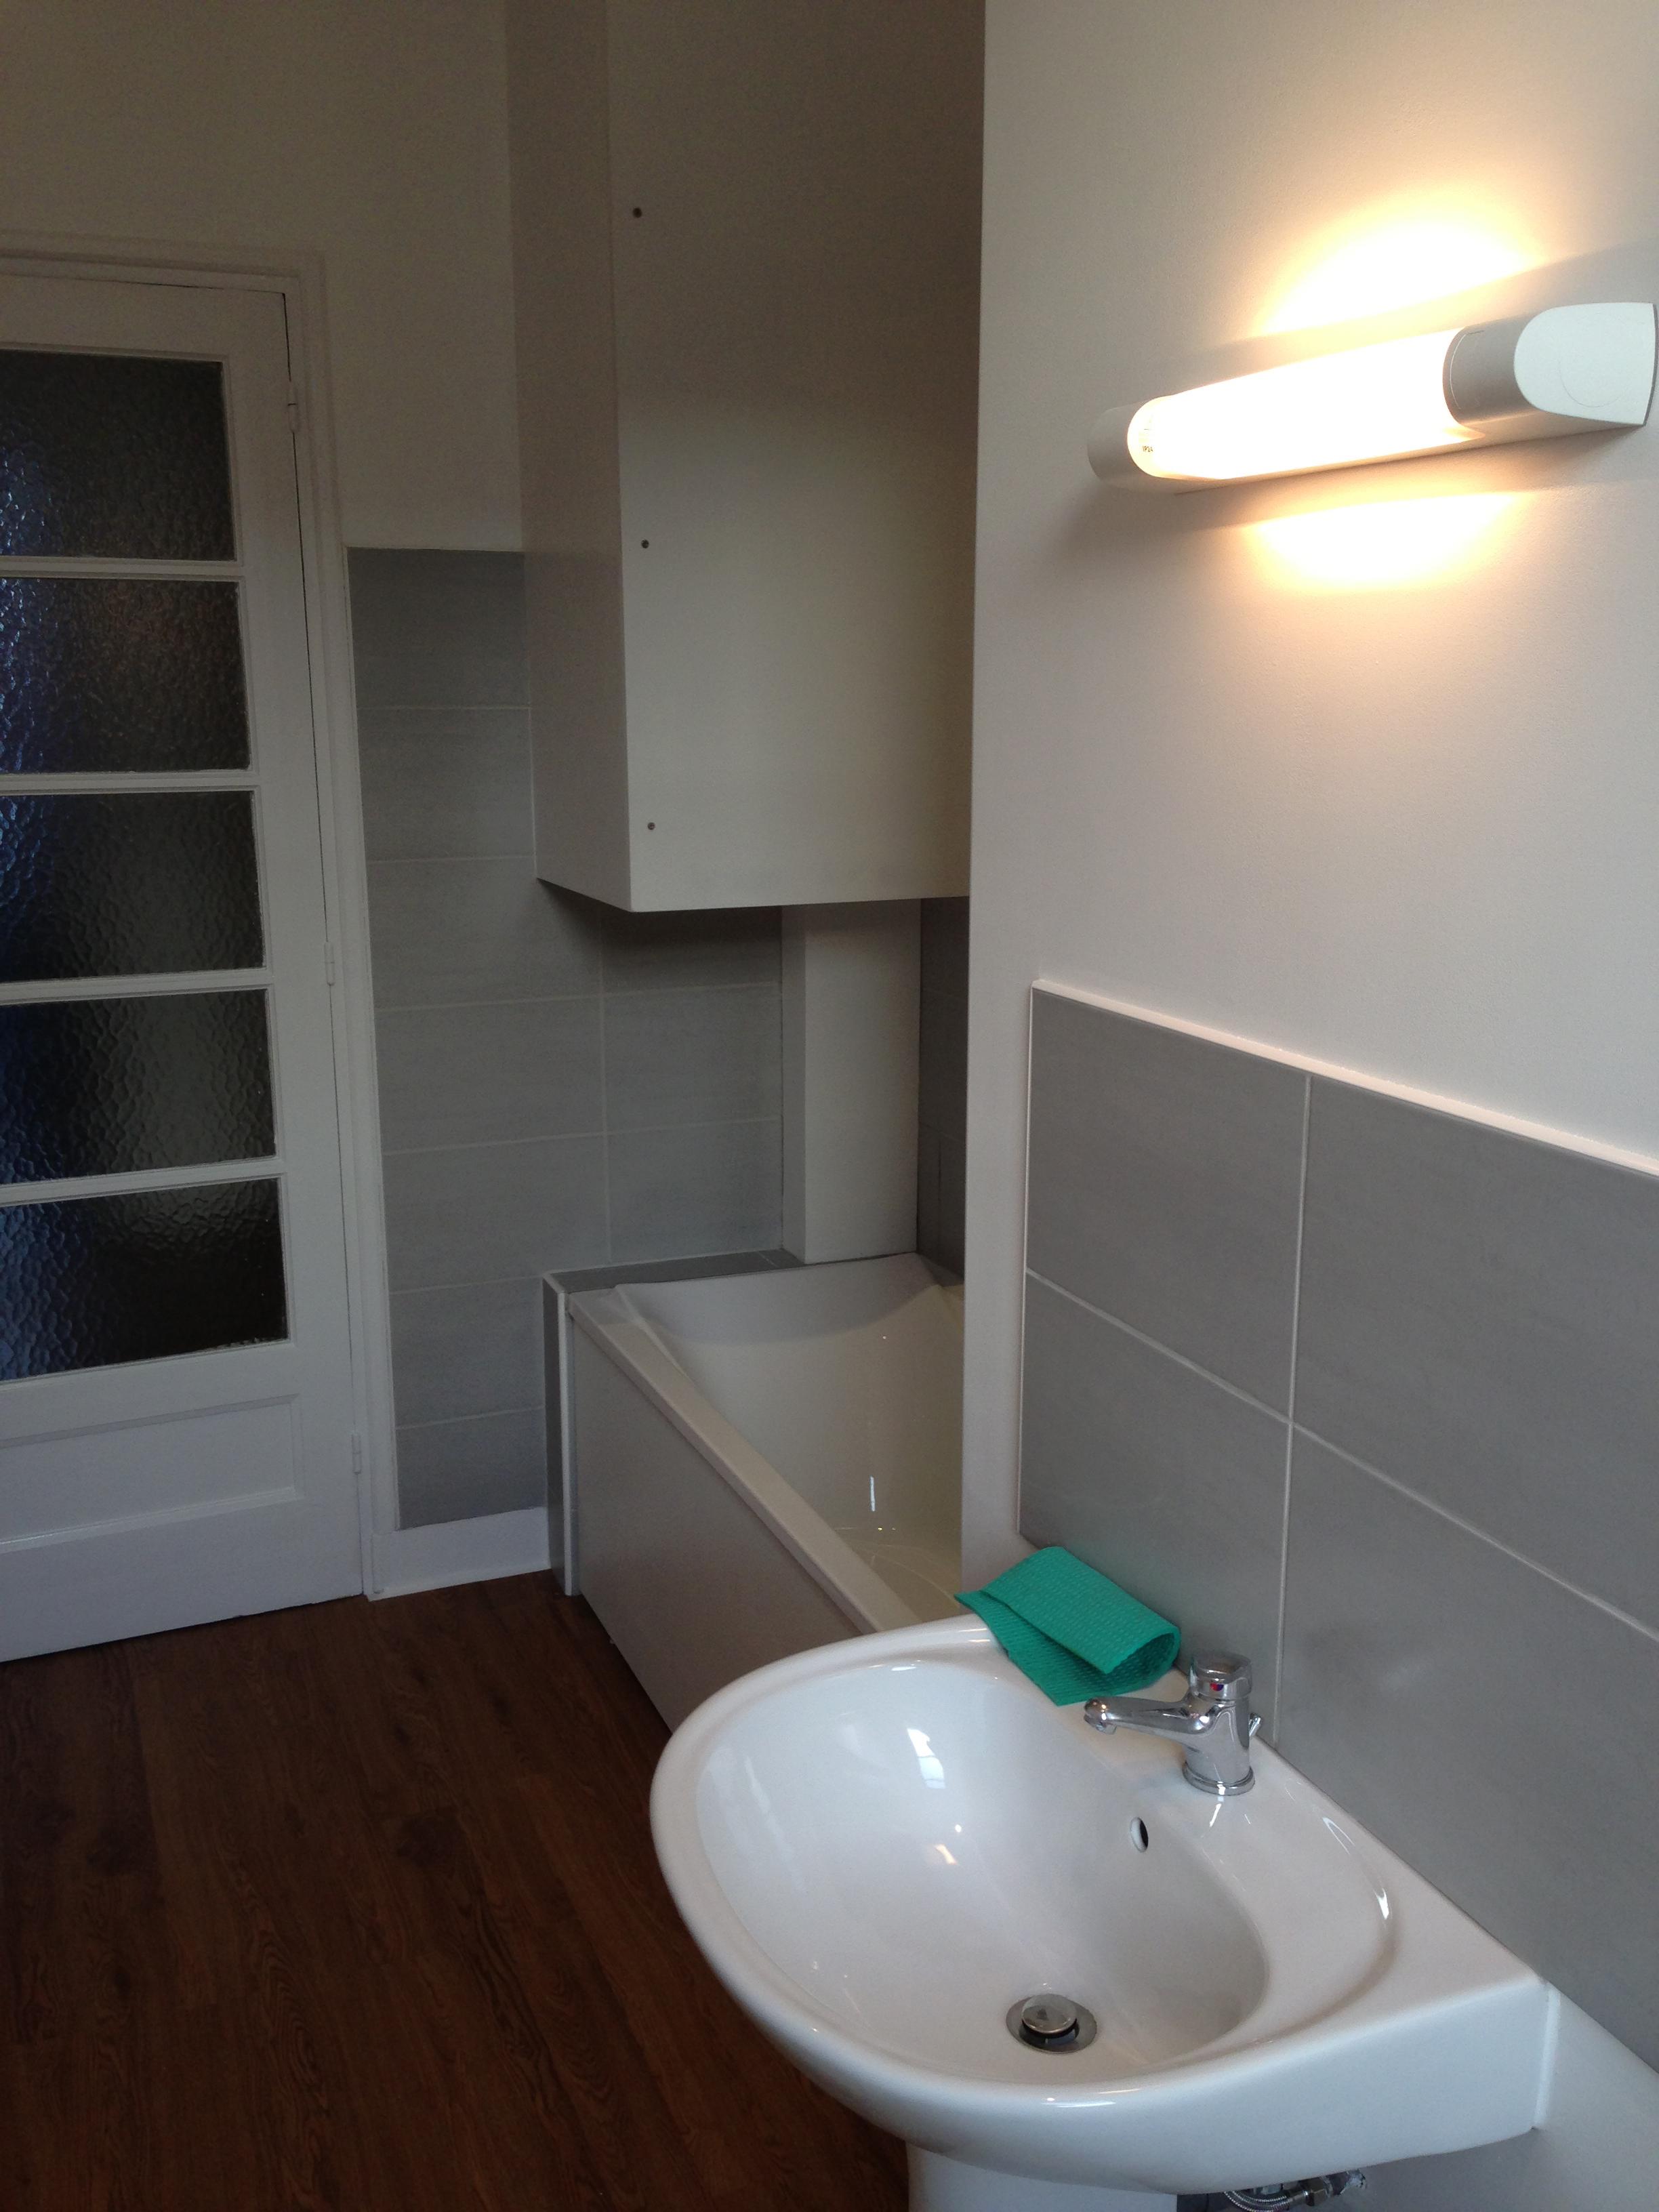 #346561 25 Best Home Staging Wallpaper Cool HD 2721 petite salle de bain feng shui 2448x3264 px @ aertt.com